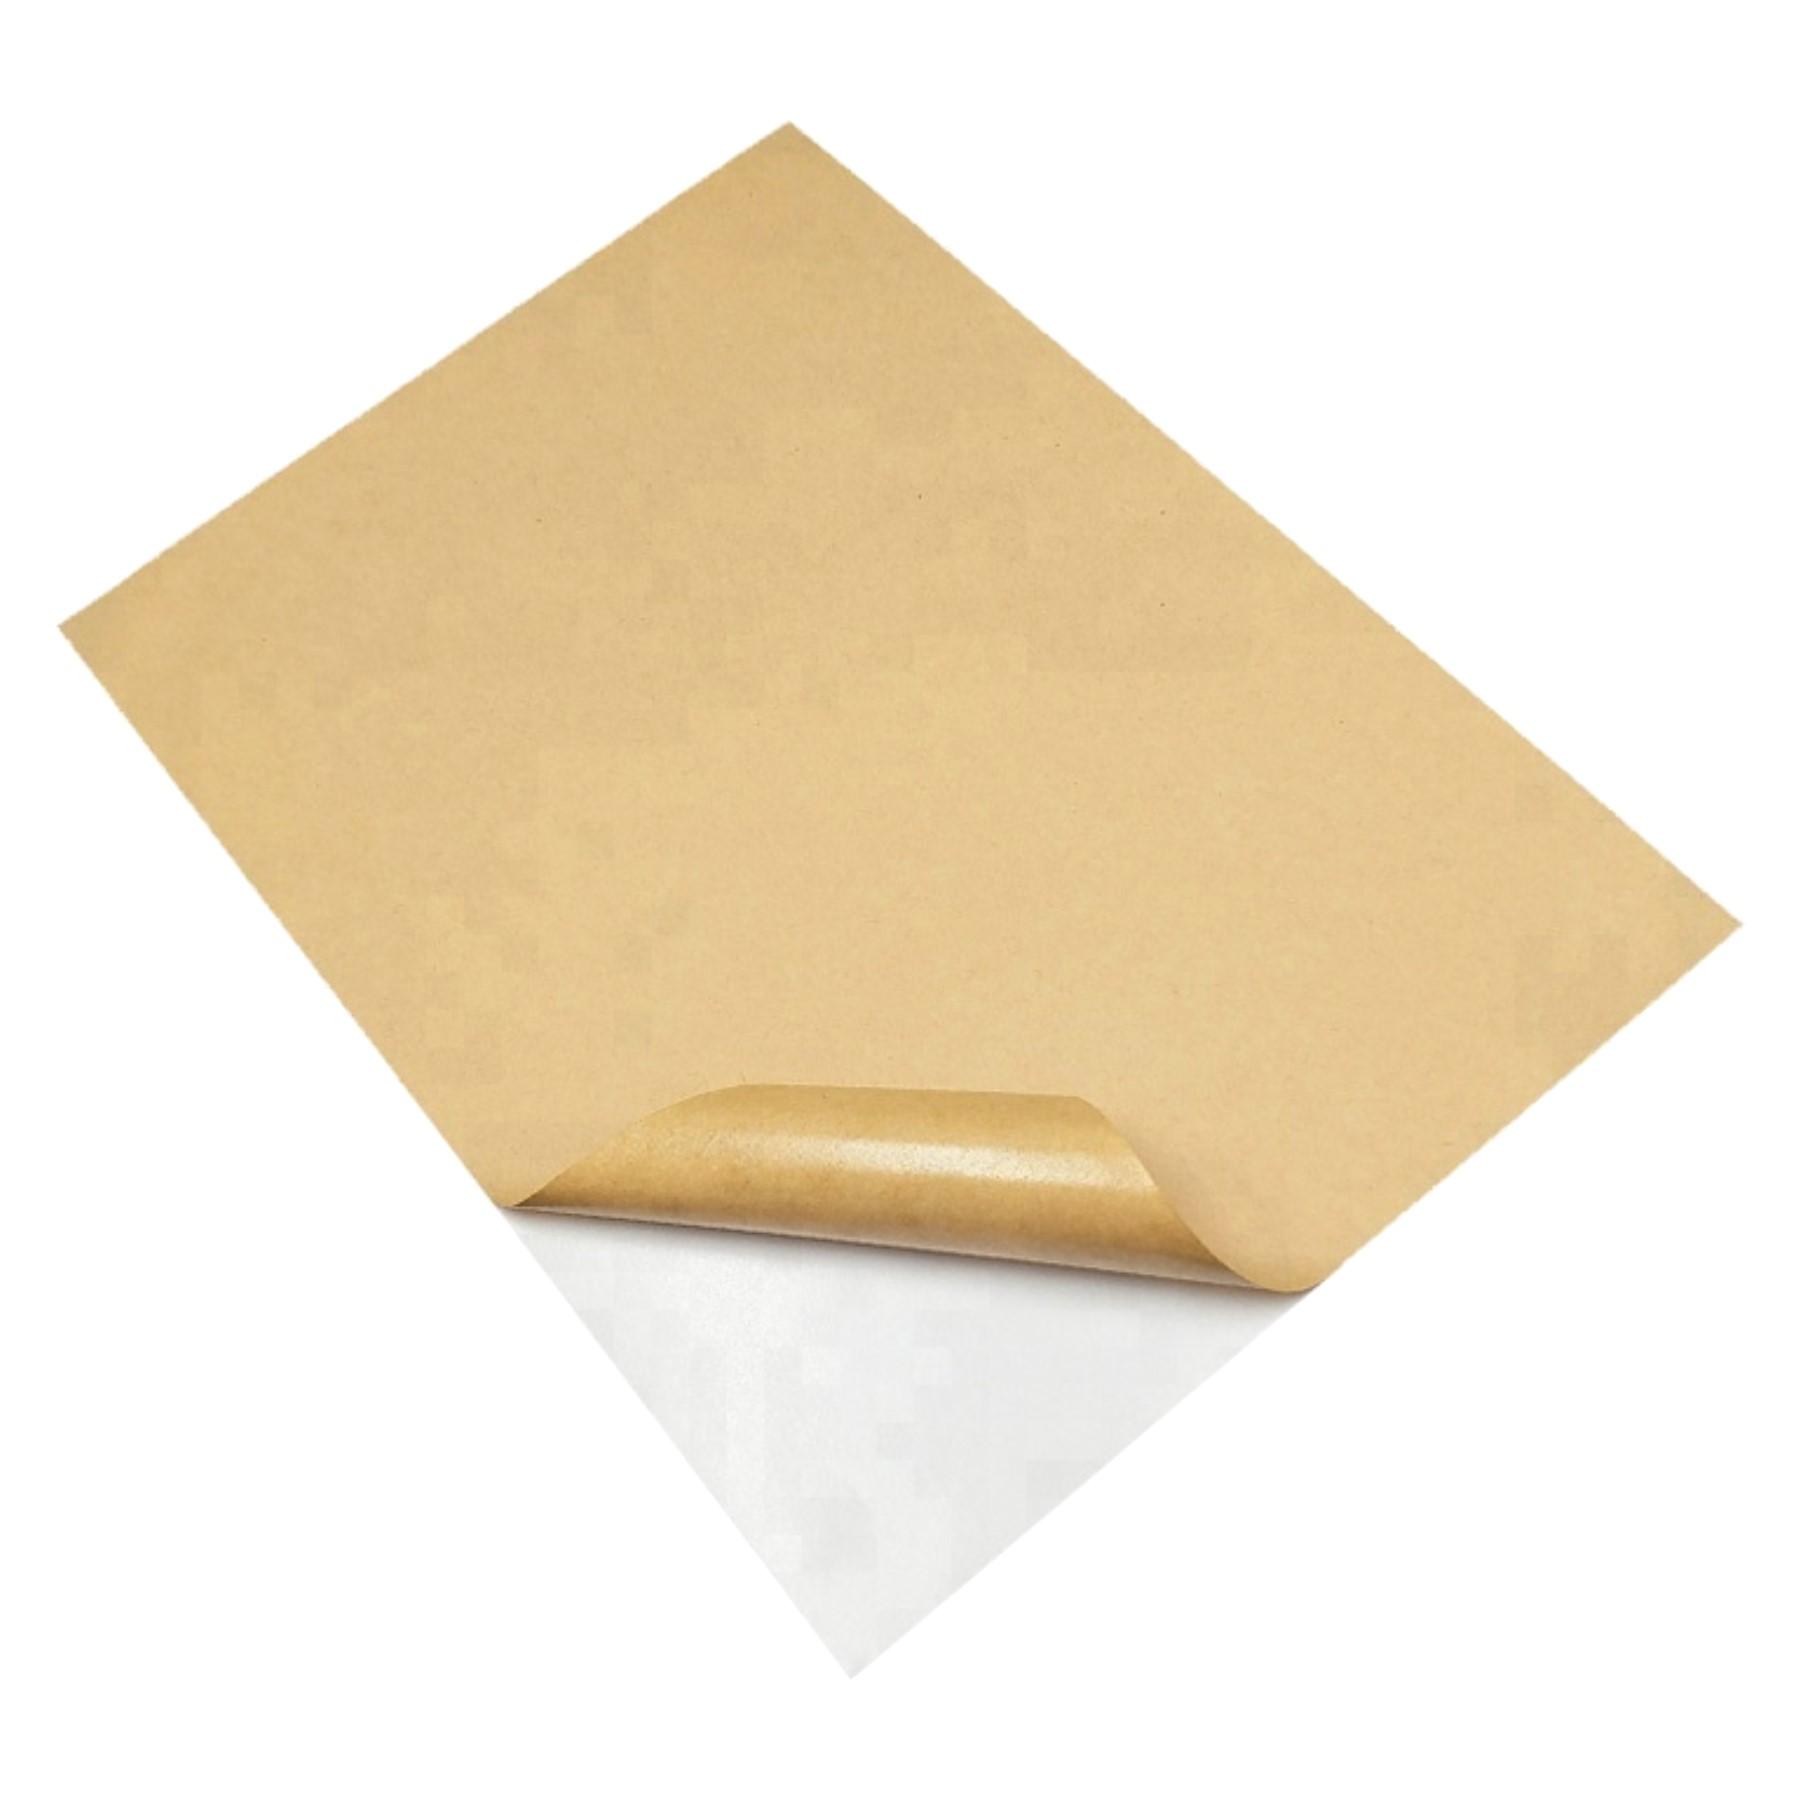 Papel kraft adhesivo 50 hojas A4